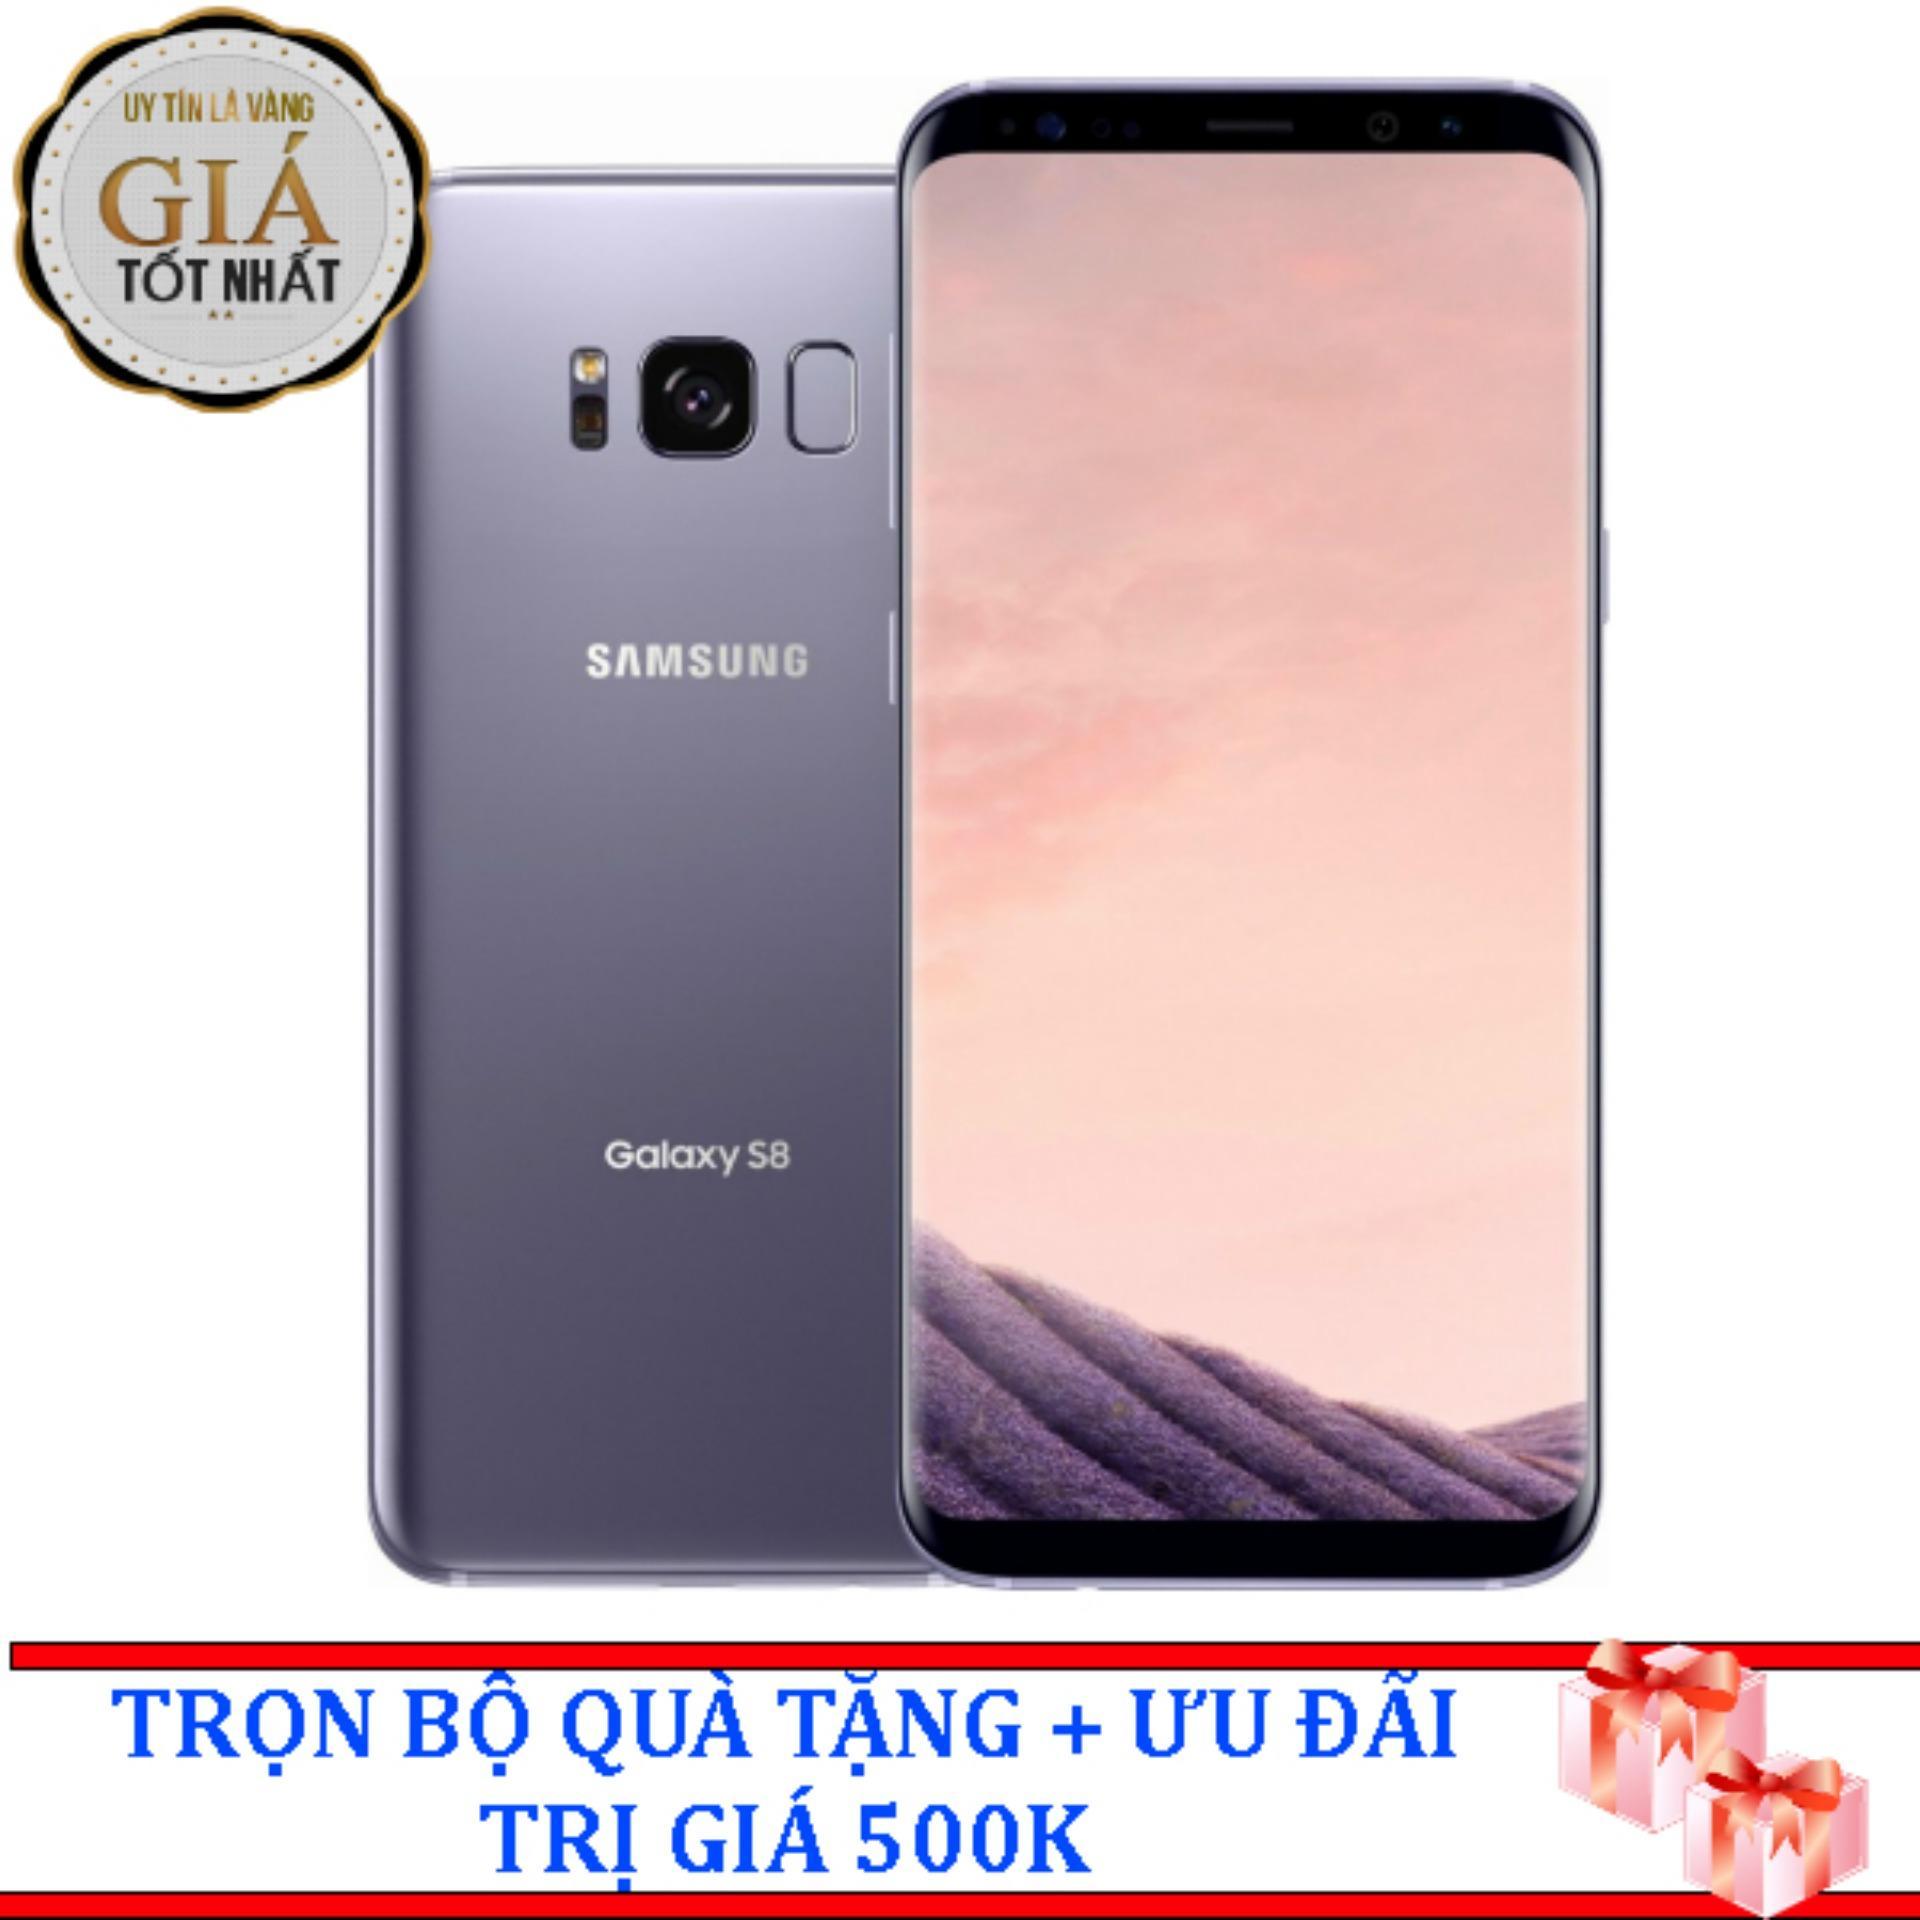 Đánh giá Samsung Galaxy S8 Plus 64g Ram 4gb 6.2inch (Tím Khói) – Hàng Nhập Khẩu Tại BÍCH NGỌC MOBILE(Tp.HCM)